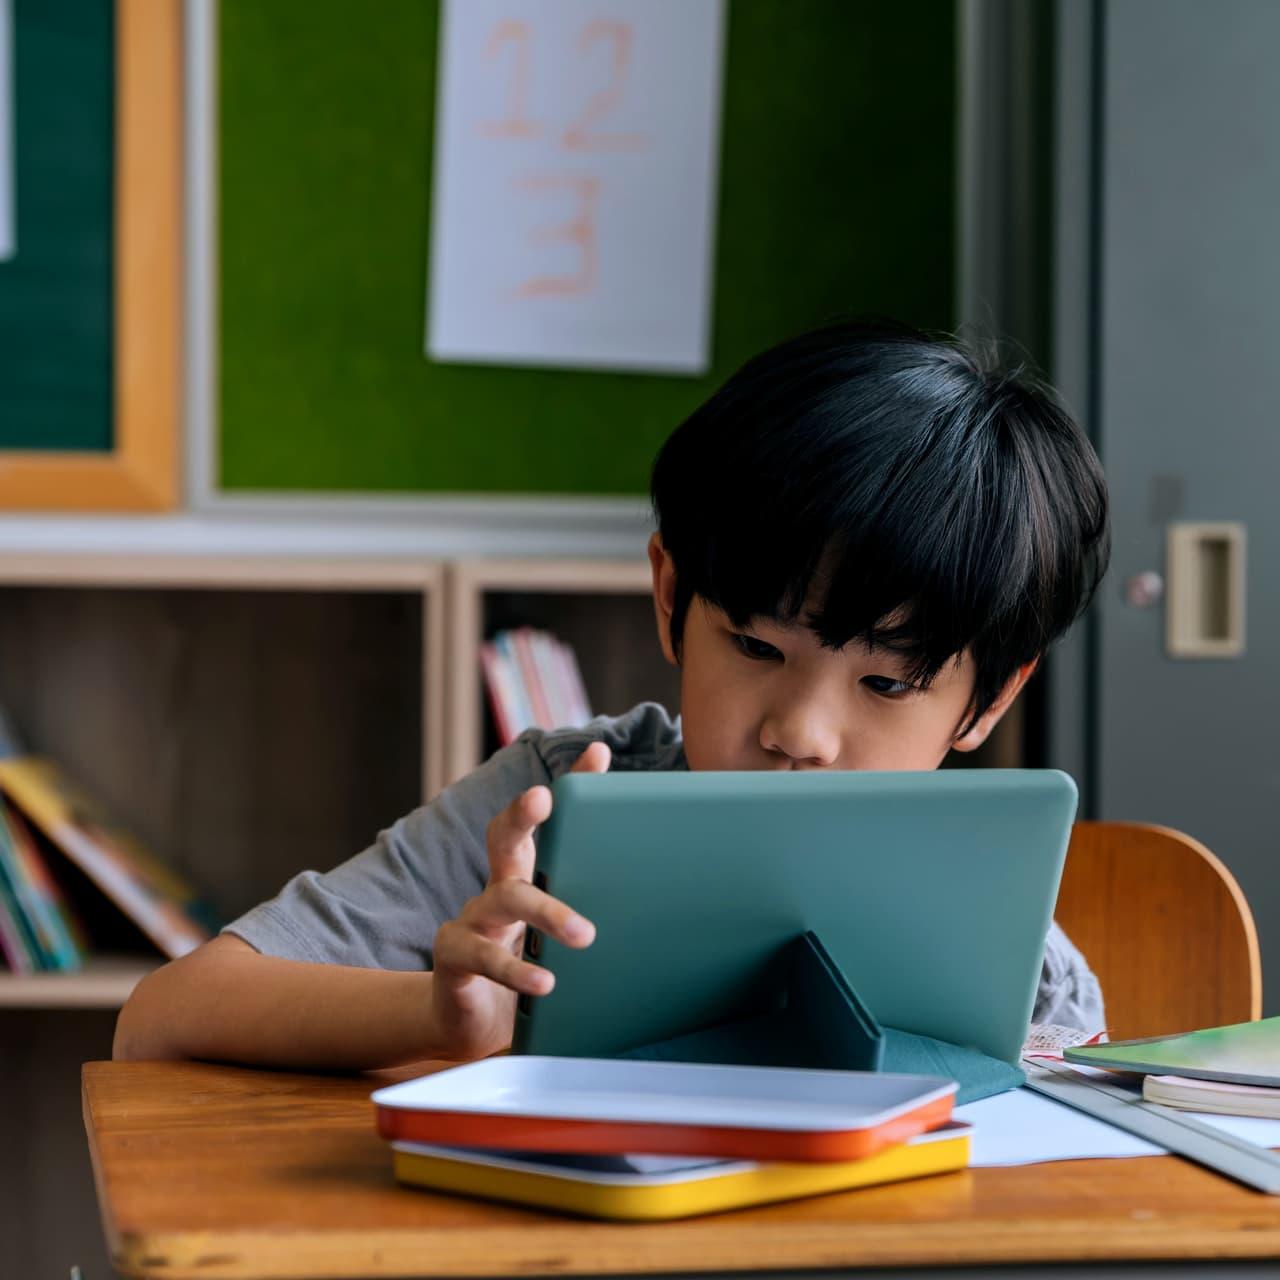 オンライン授業がもたらす「学びの保障」と、腰の定まらぬ文科相